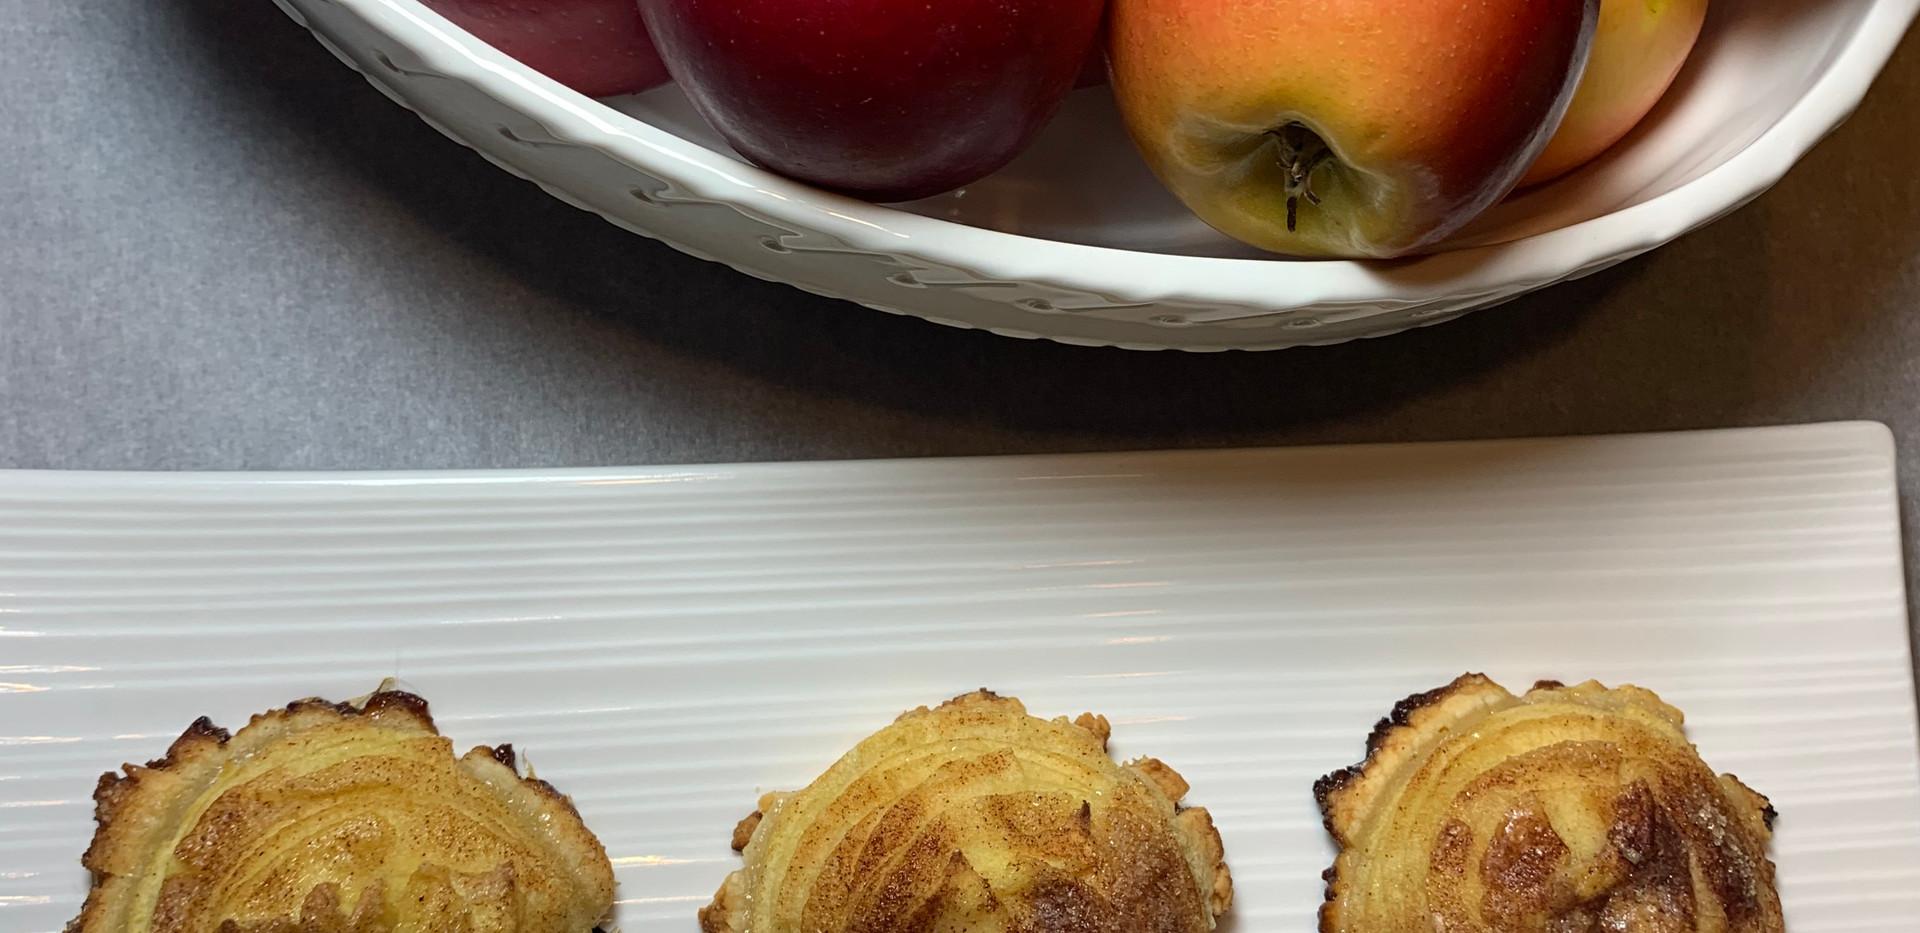 Gluten Free Apple Tarts